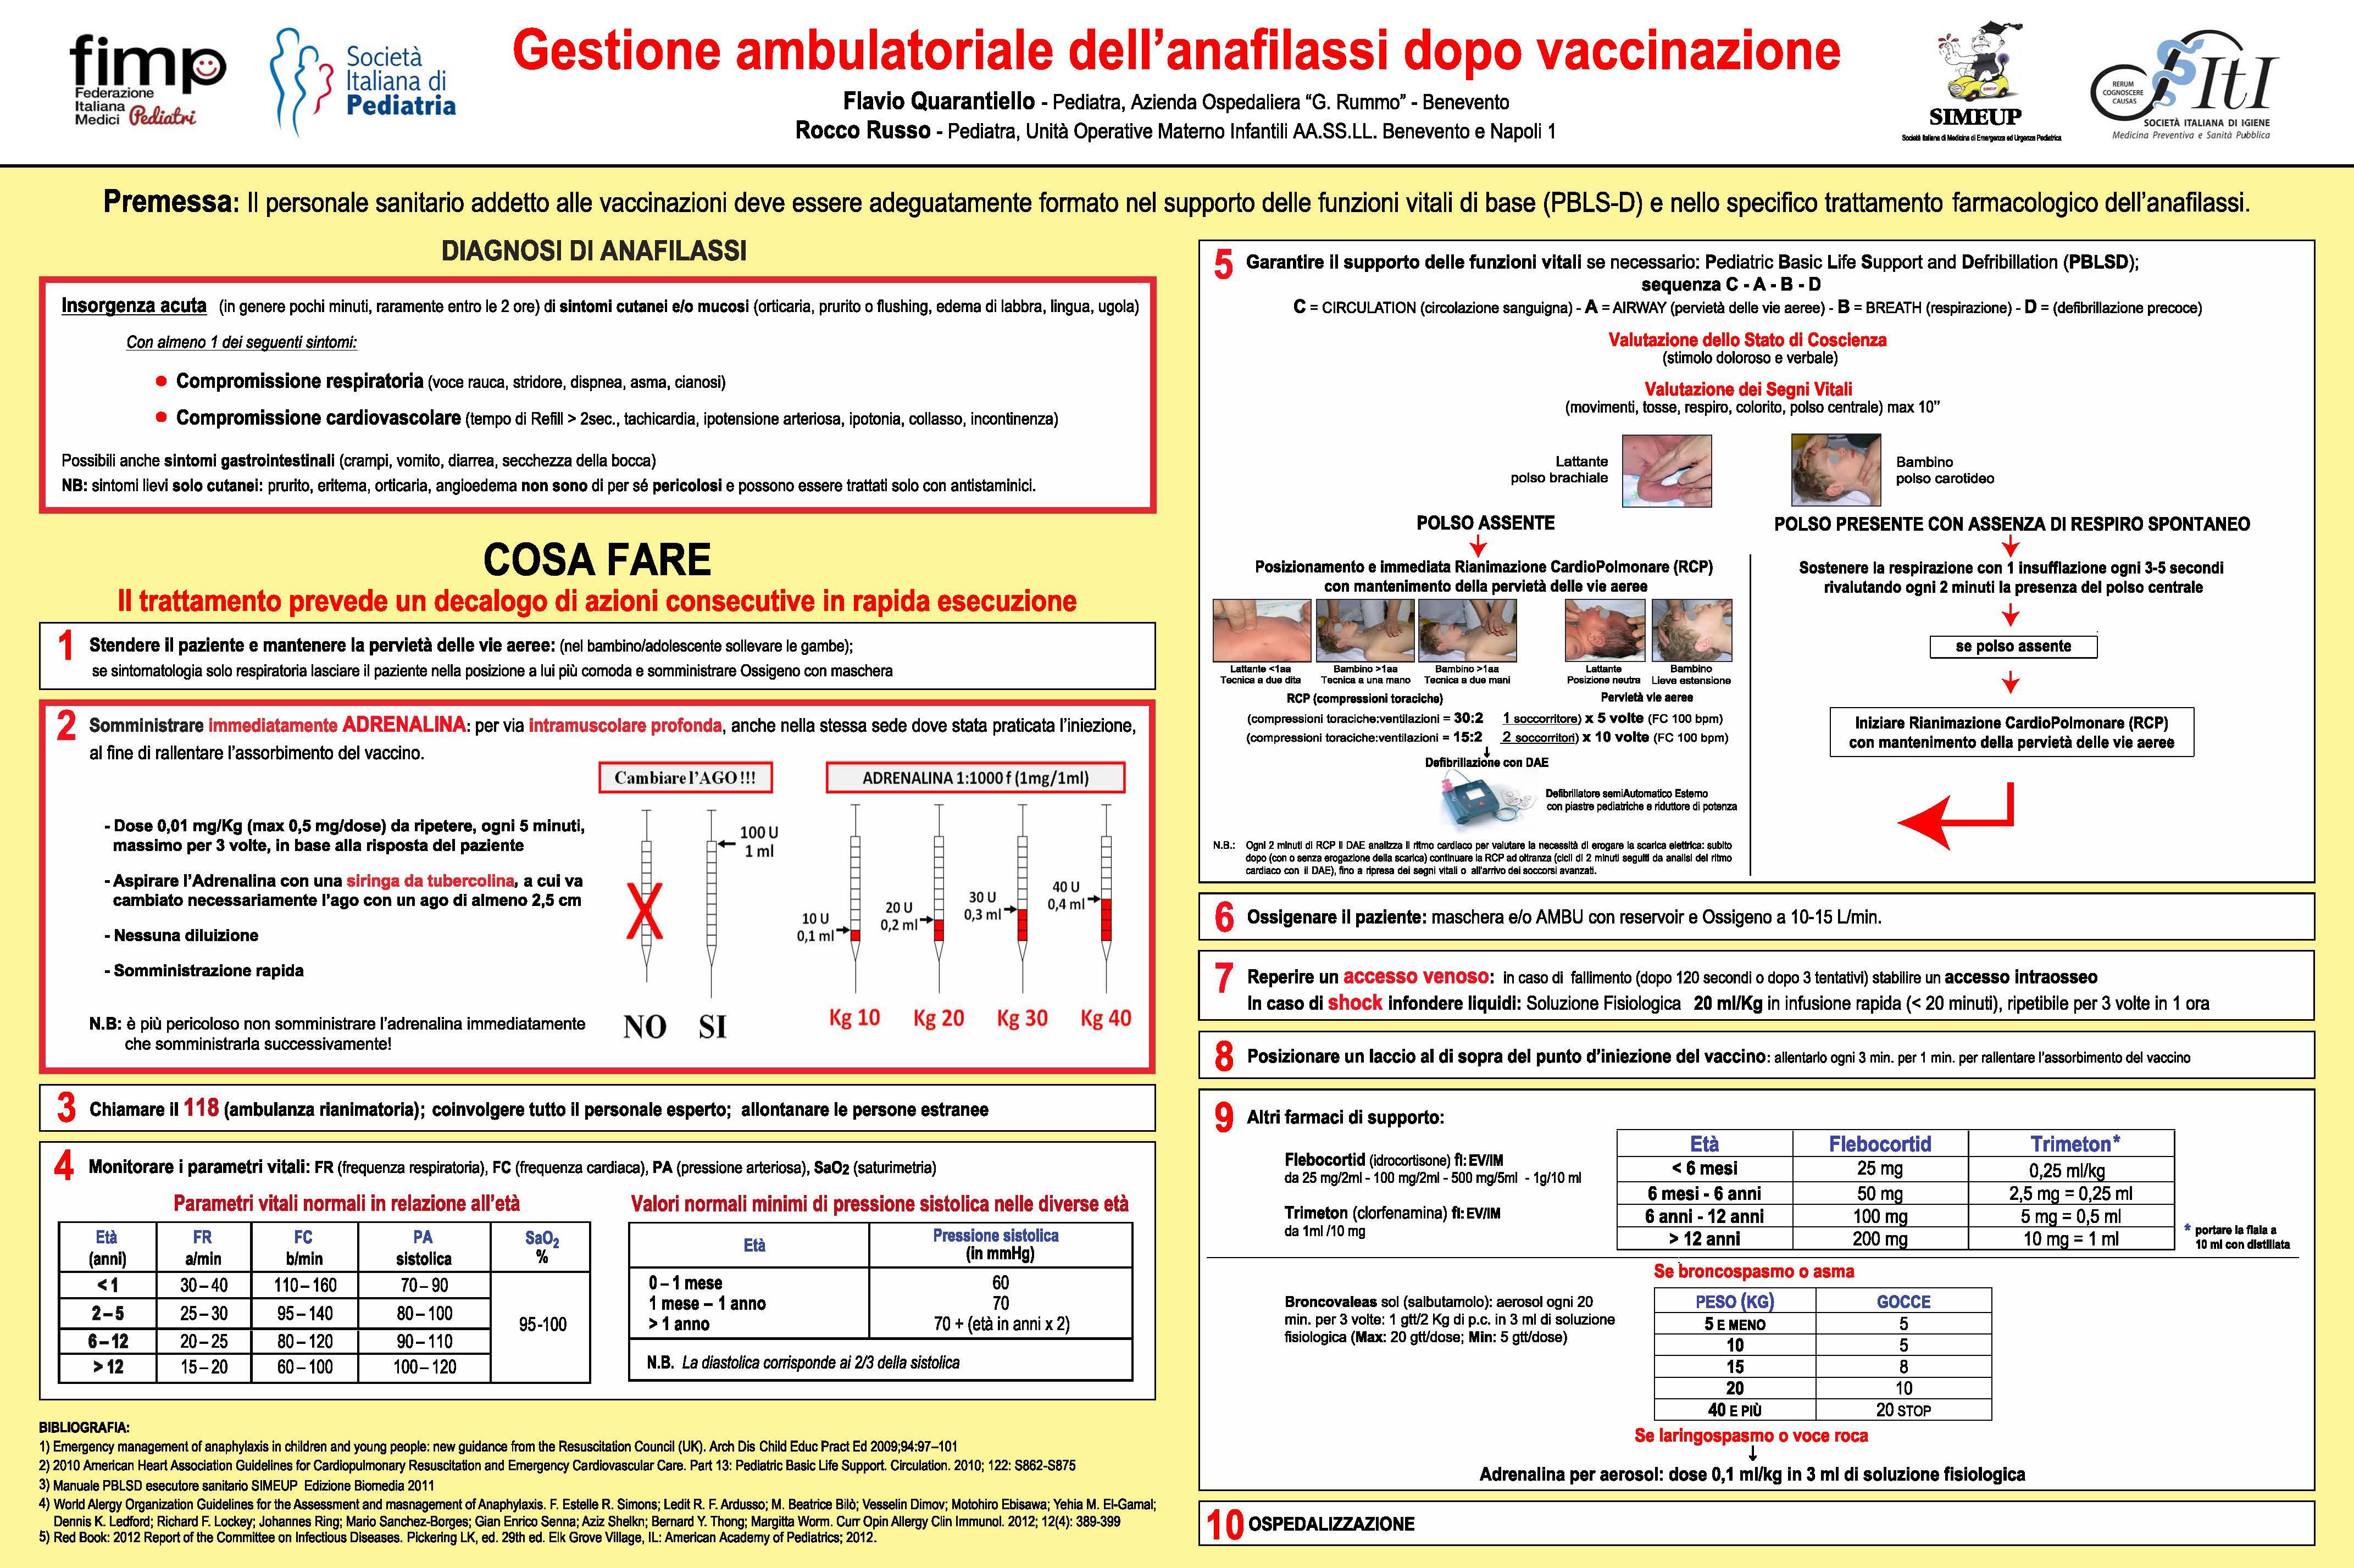 Gestione ambulatoriale dell'anafilassi dopo vaccinazione